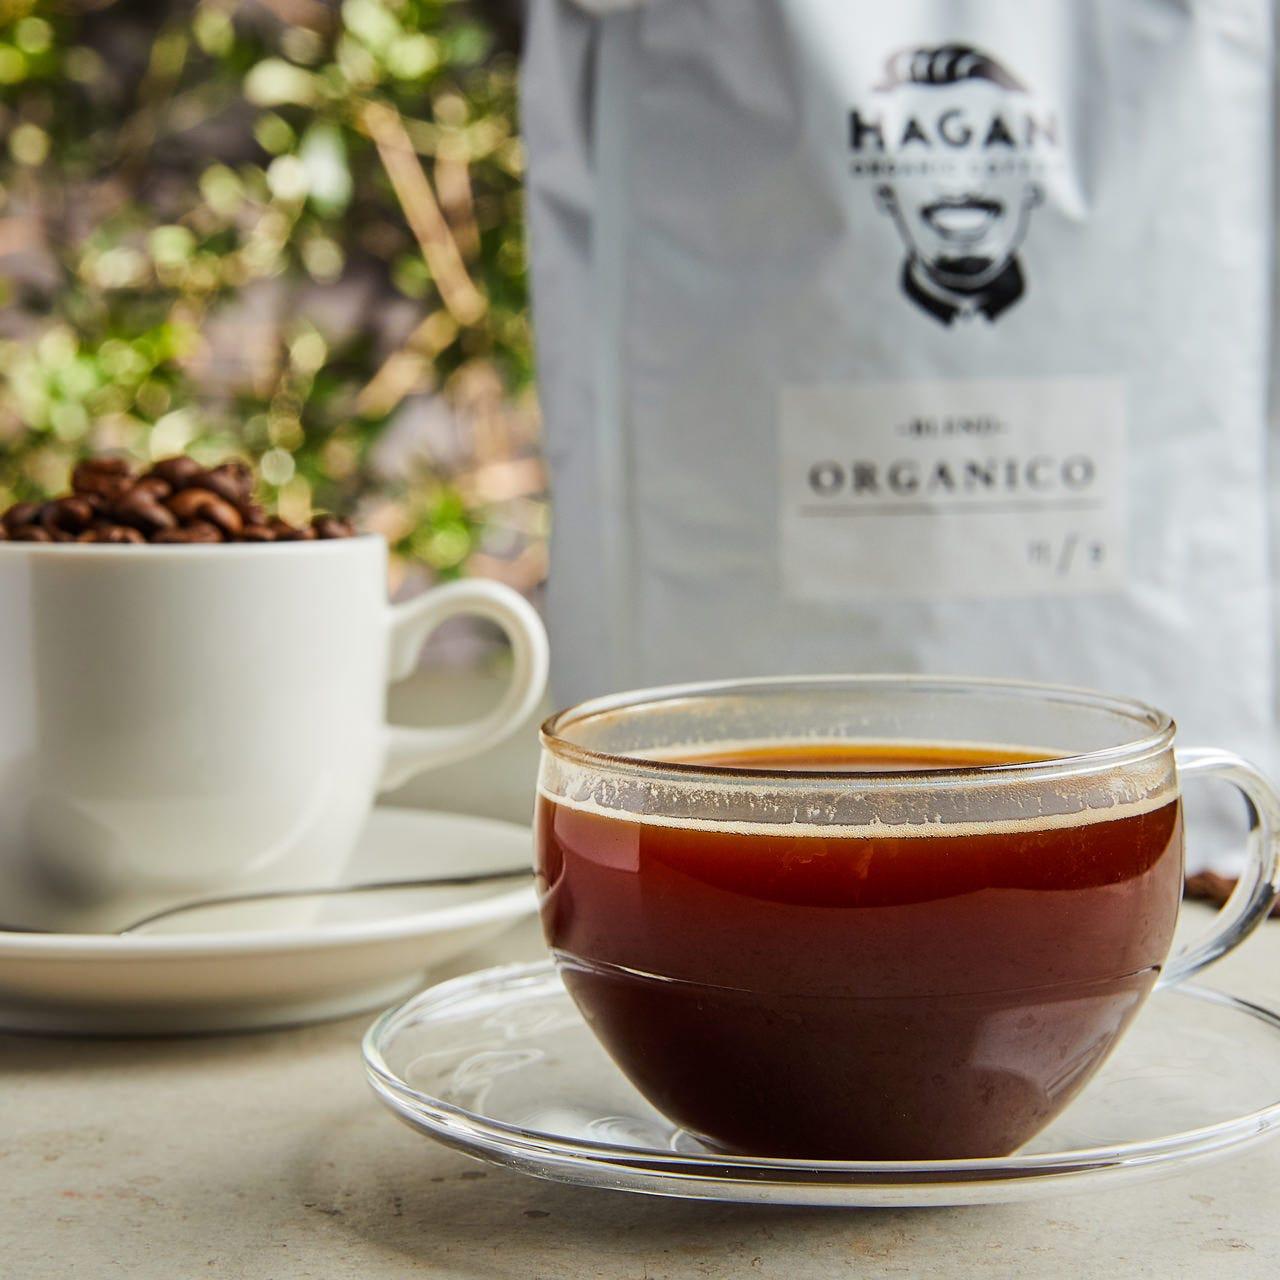 農薬も化学肥料も使用しないコーヒー